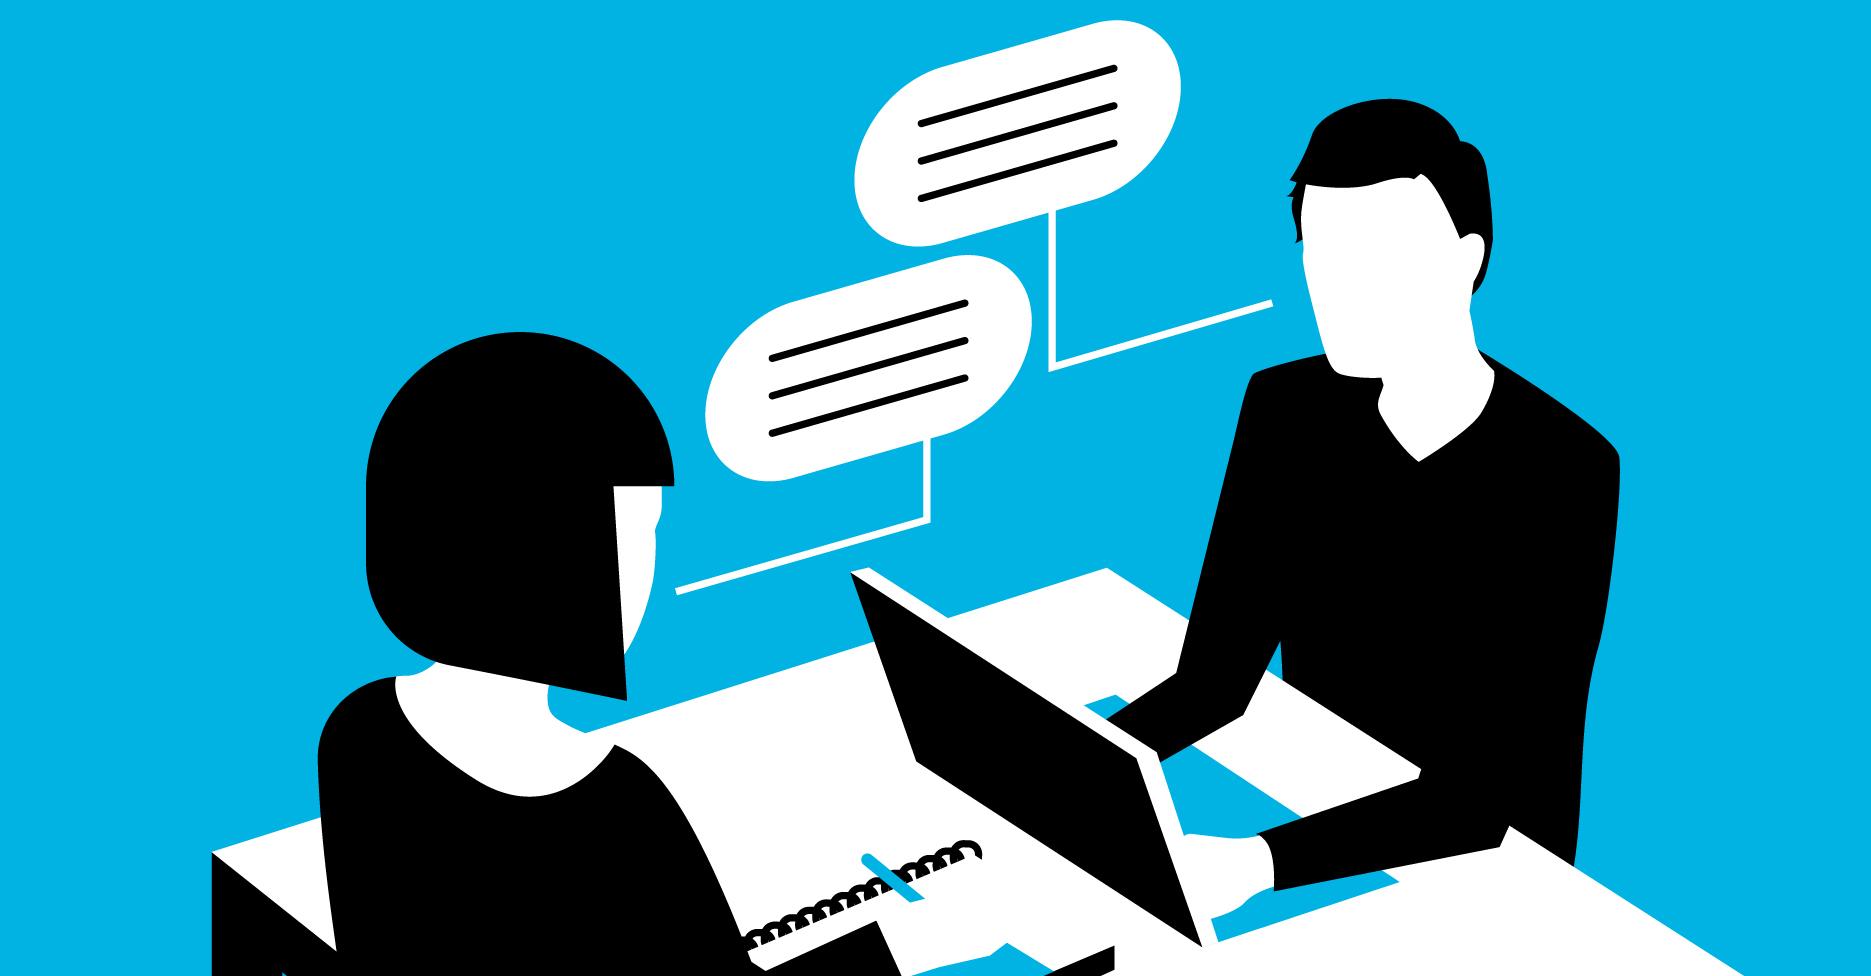 BlogHeader-Communication.jpg